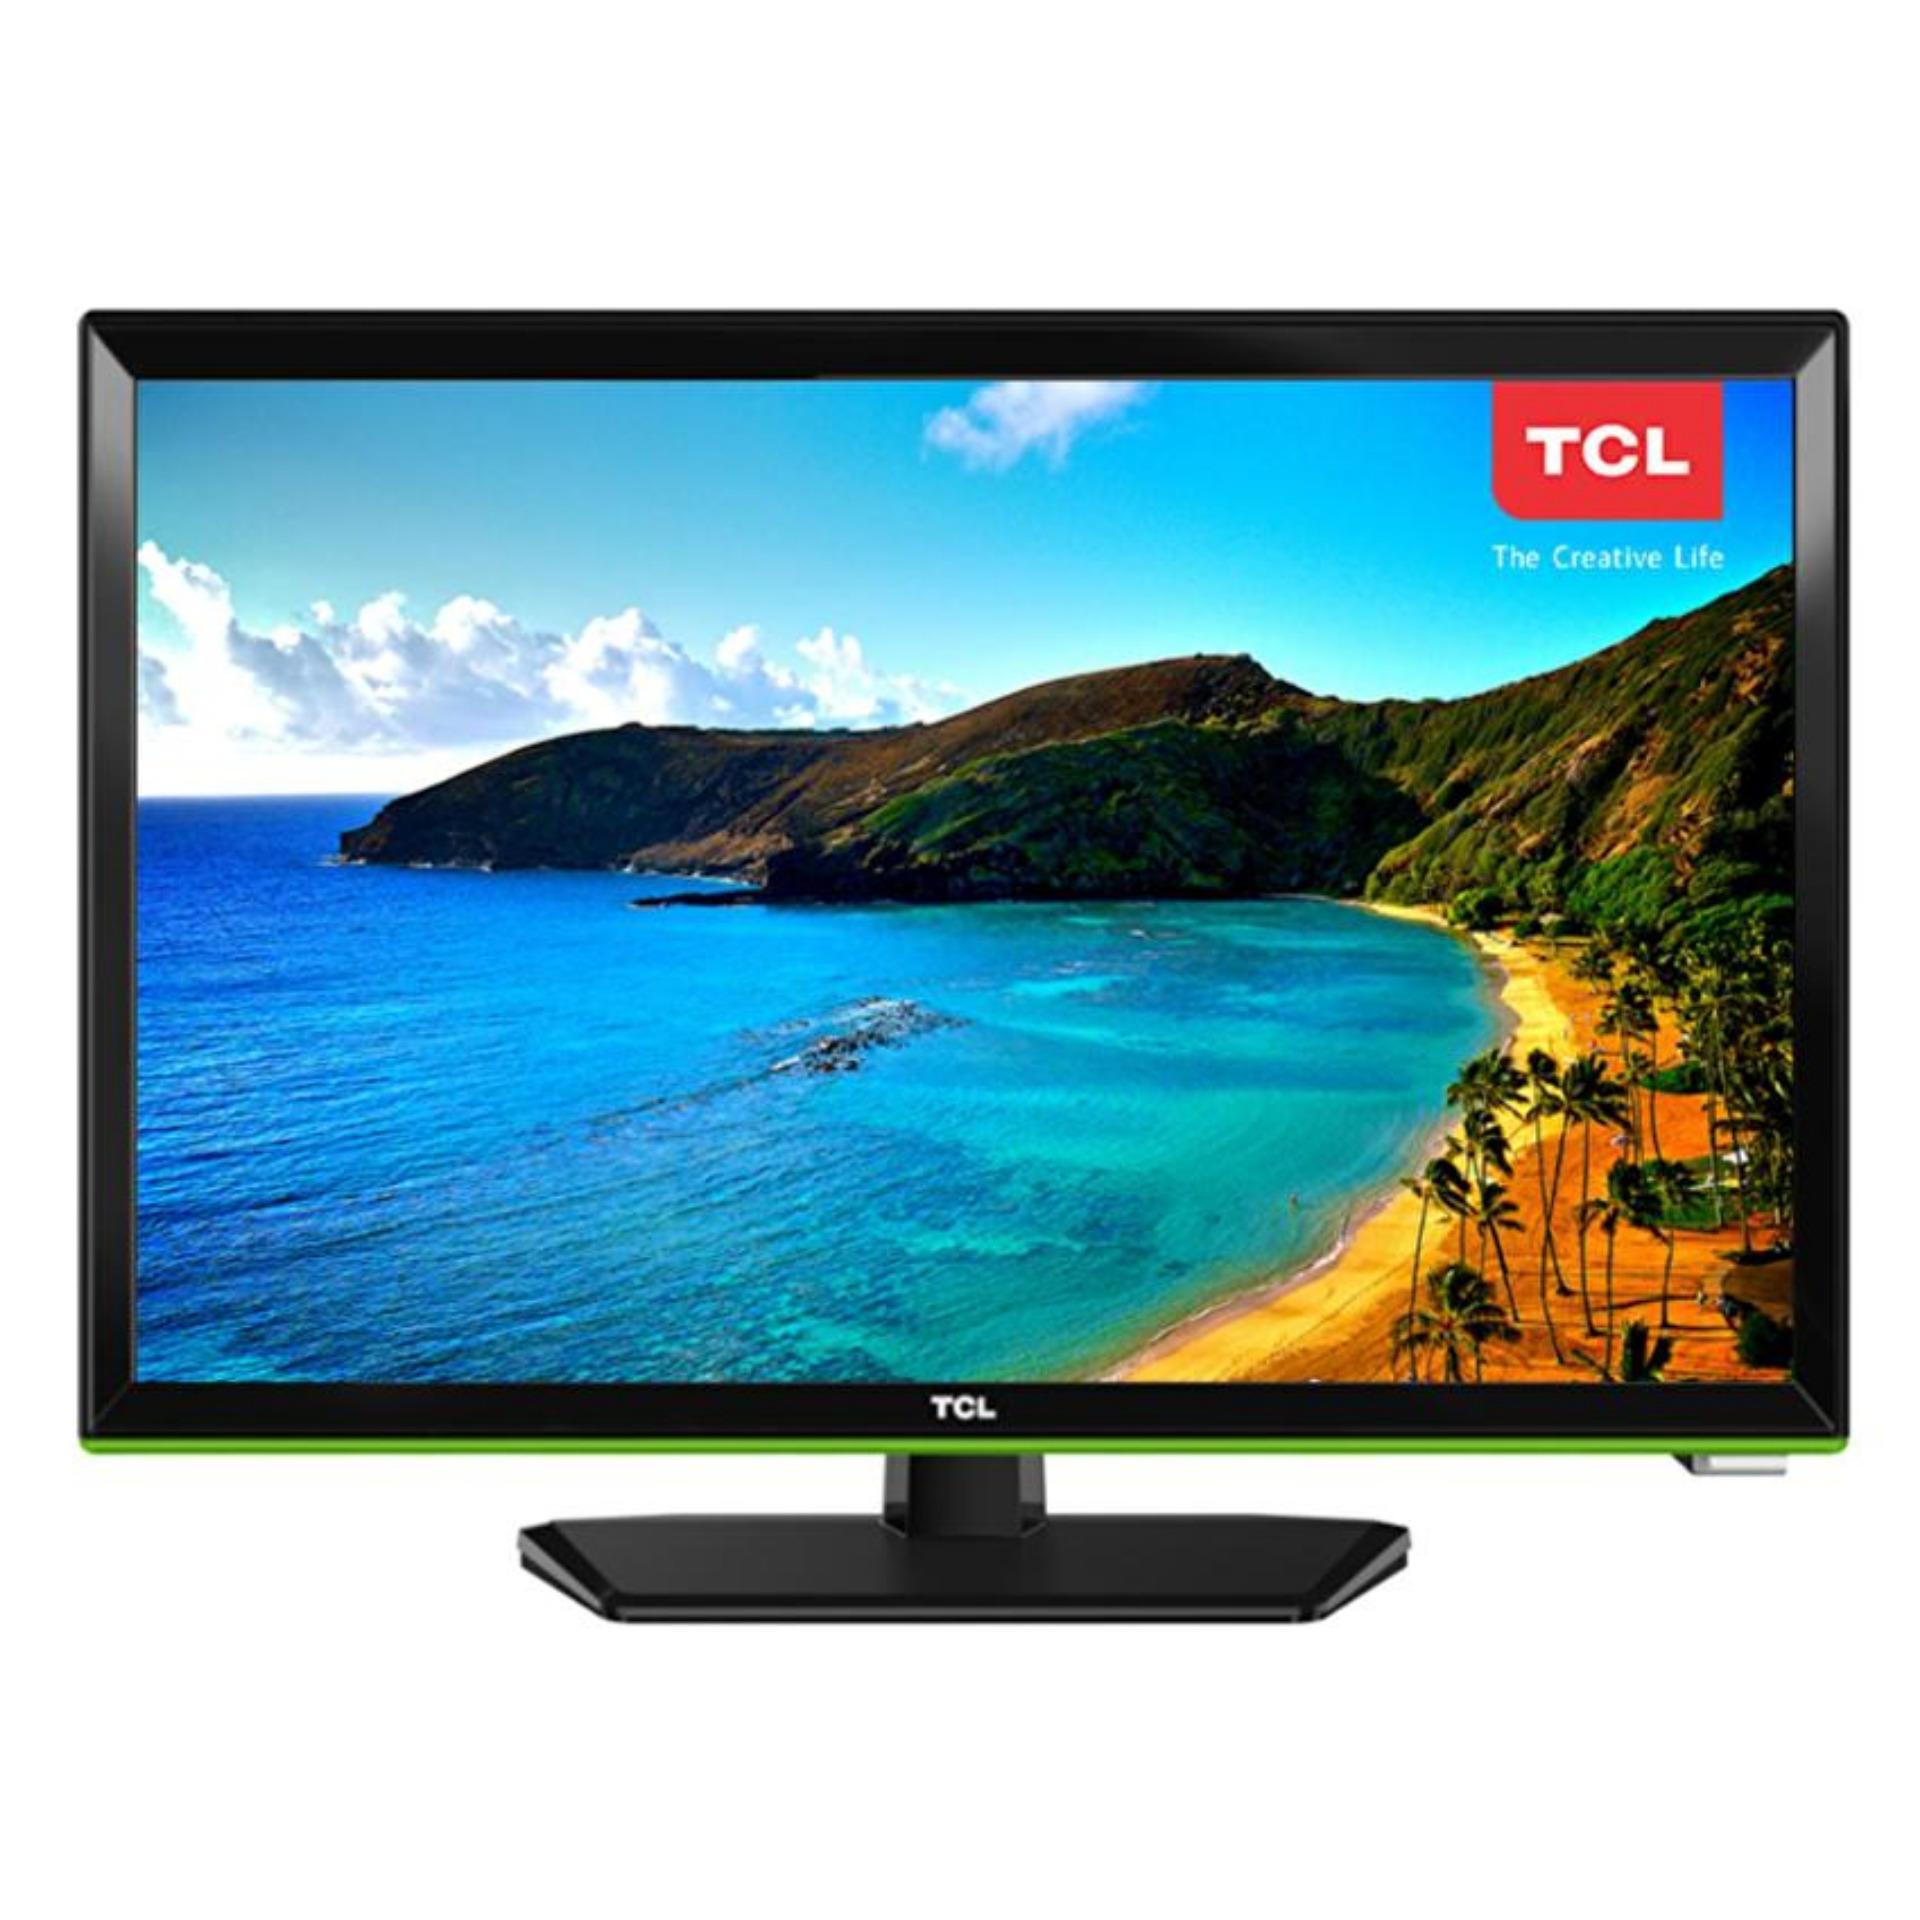 TCL TV LED 20 inch L20D2700 - Khusus kota tertentu di Jawa Timur